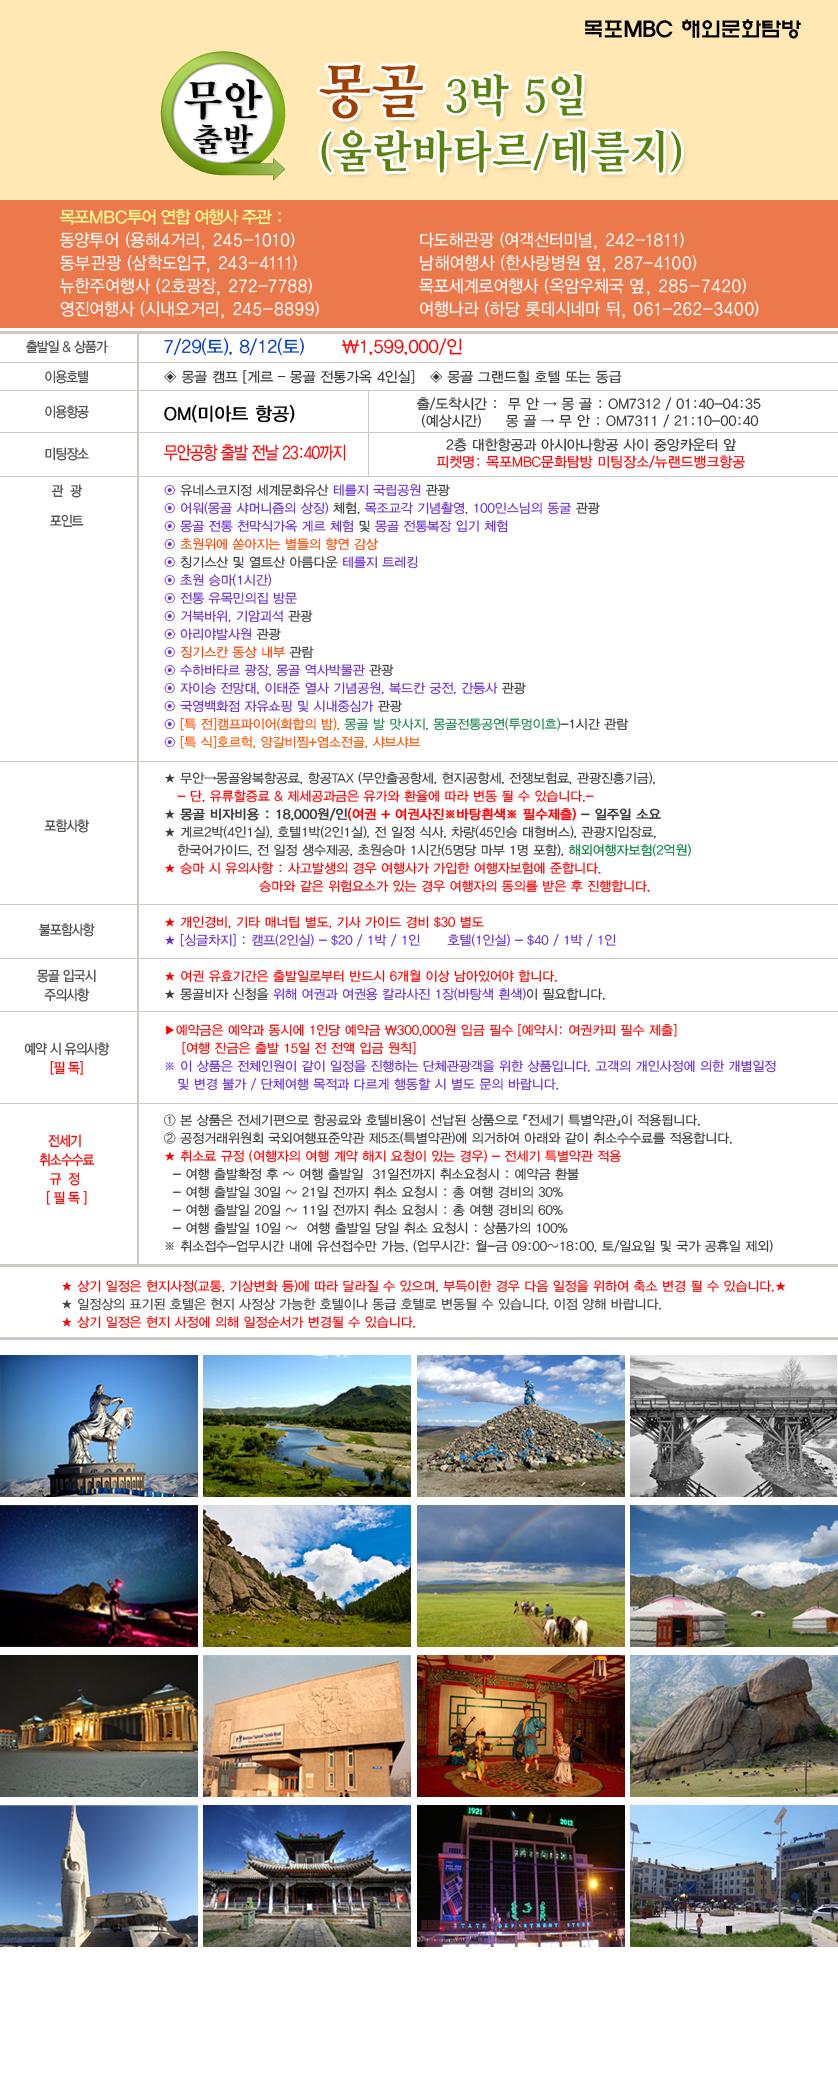 몽골(울란바타르/테를지) 관광 3박5일 행사정보